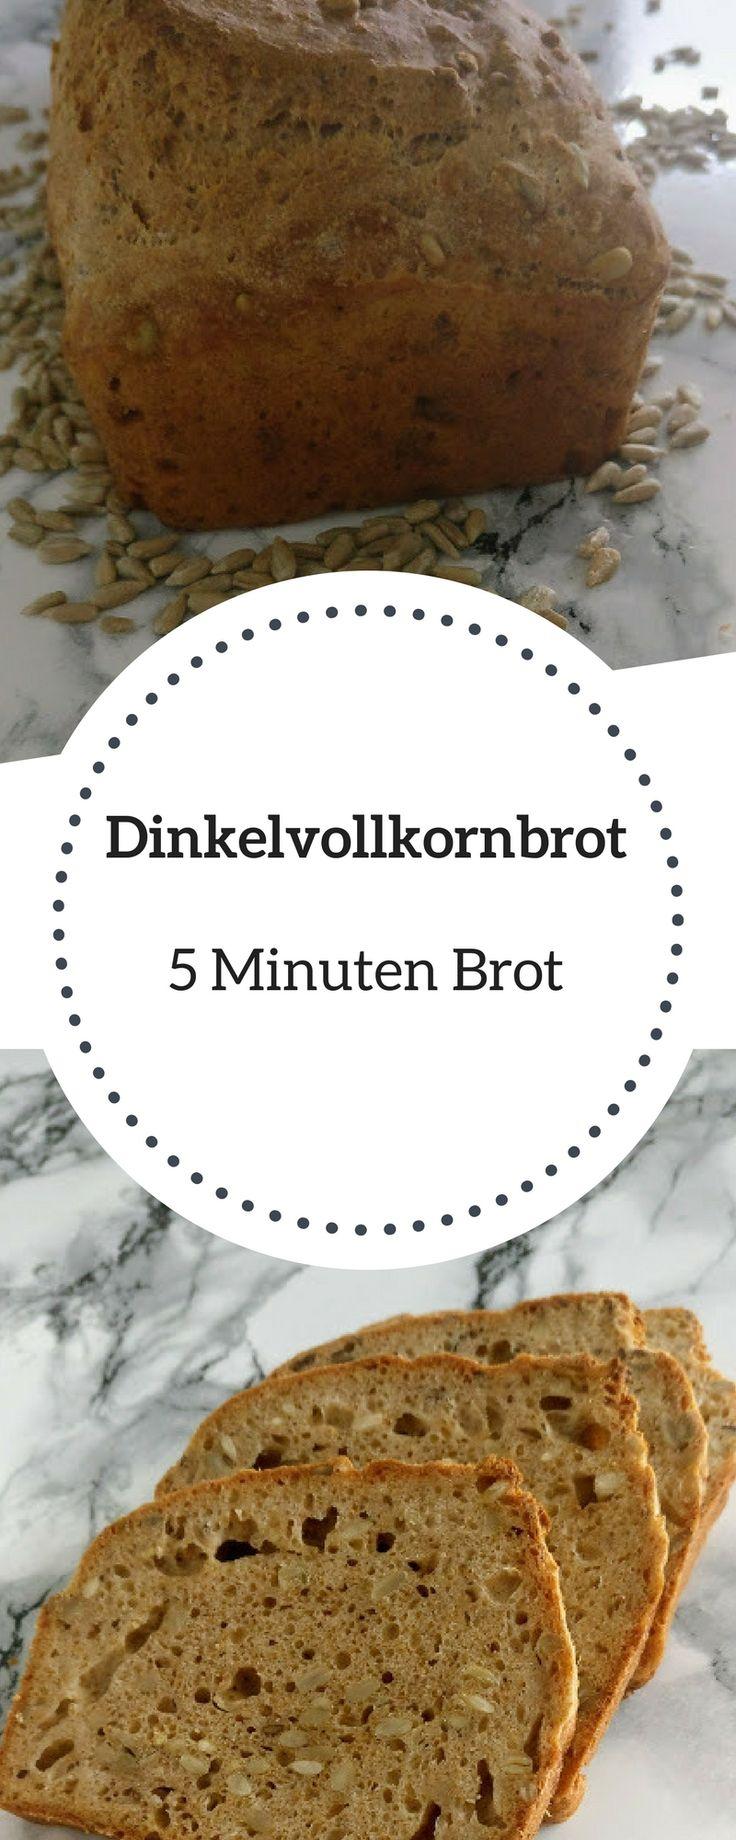 [Rezept] Dinkelvollkornbrot - Das schnelle 5 Minuten Brot! Schnell einfach und günstig das 5 Minuten Dinkelvollkornbrot.Für wenig Zutaten ein leckeres Brot.